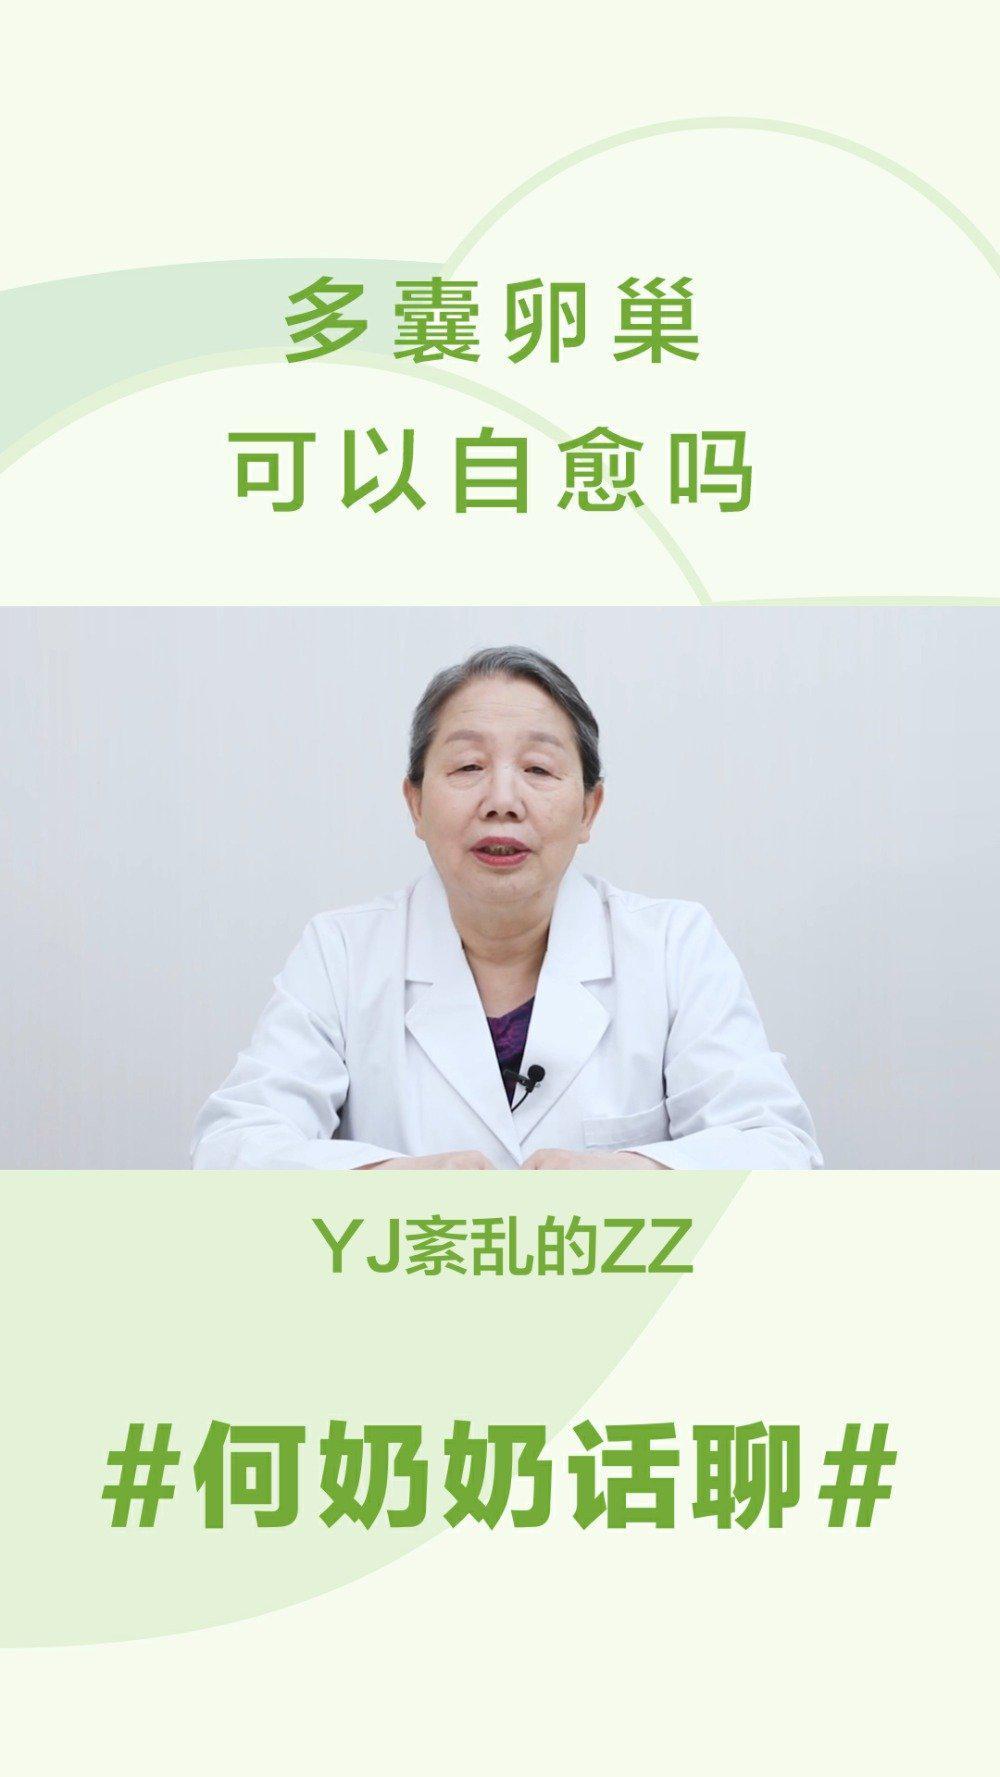 多囊卵巢综合征是一种内分泌紊乱性的疾病……